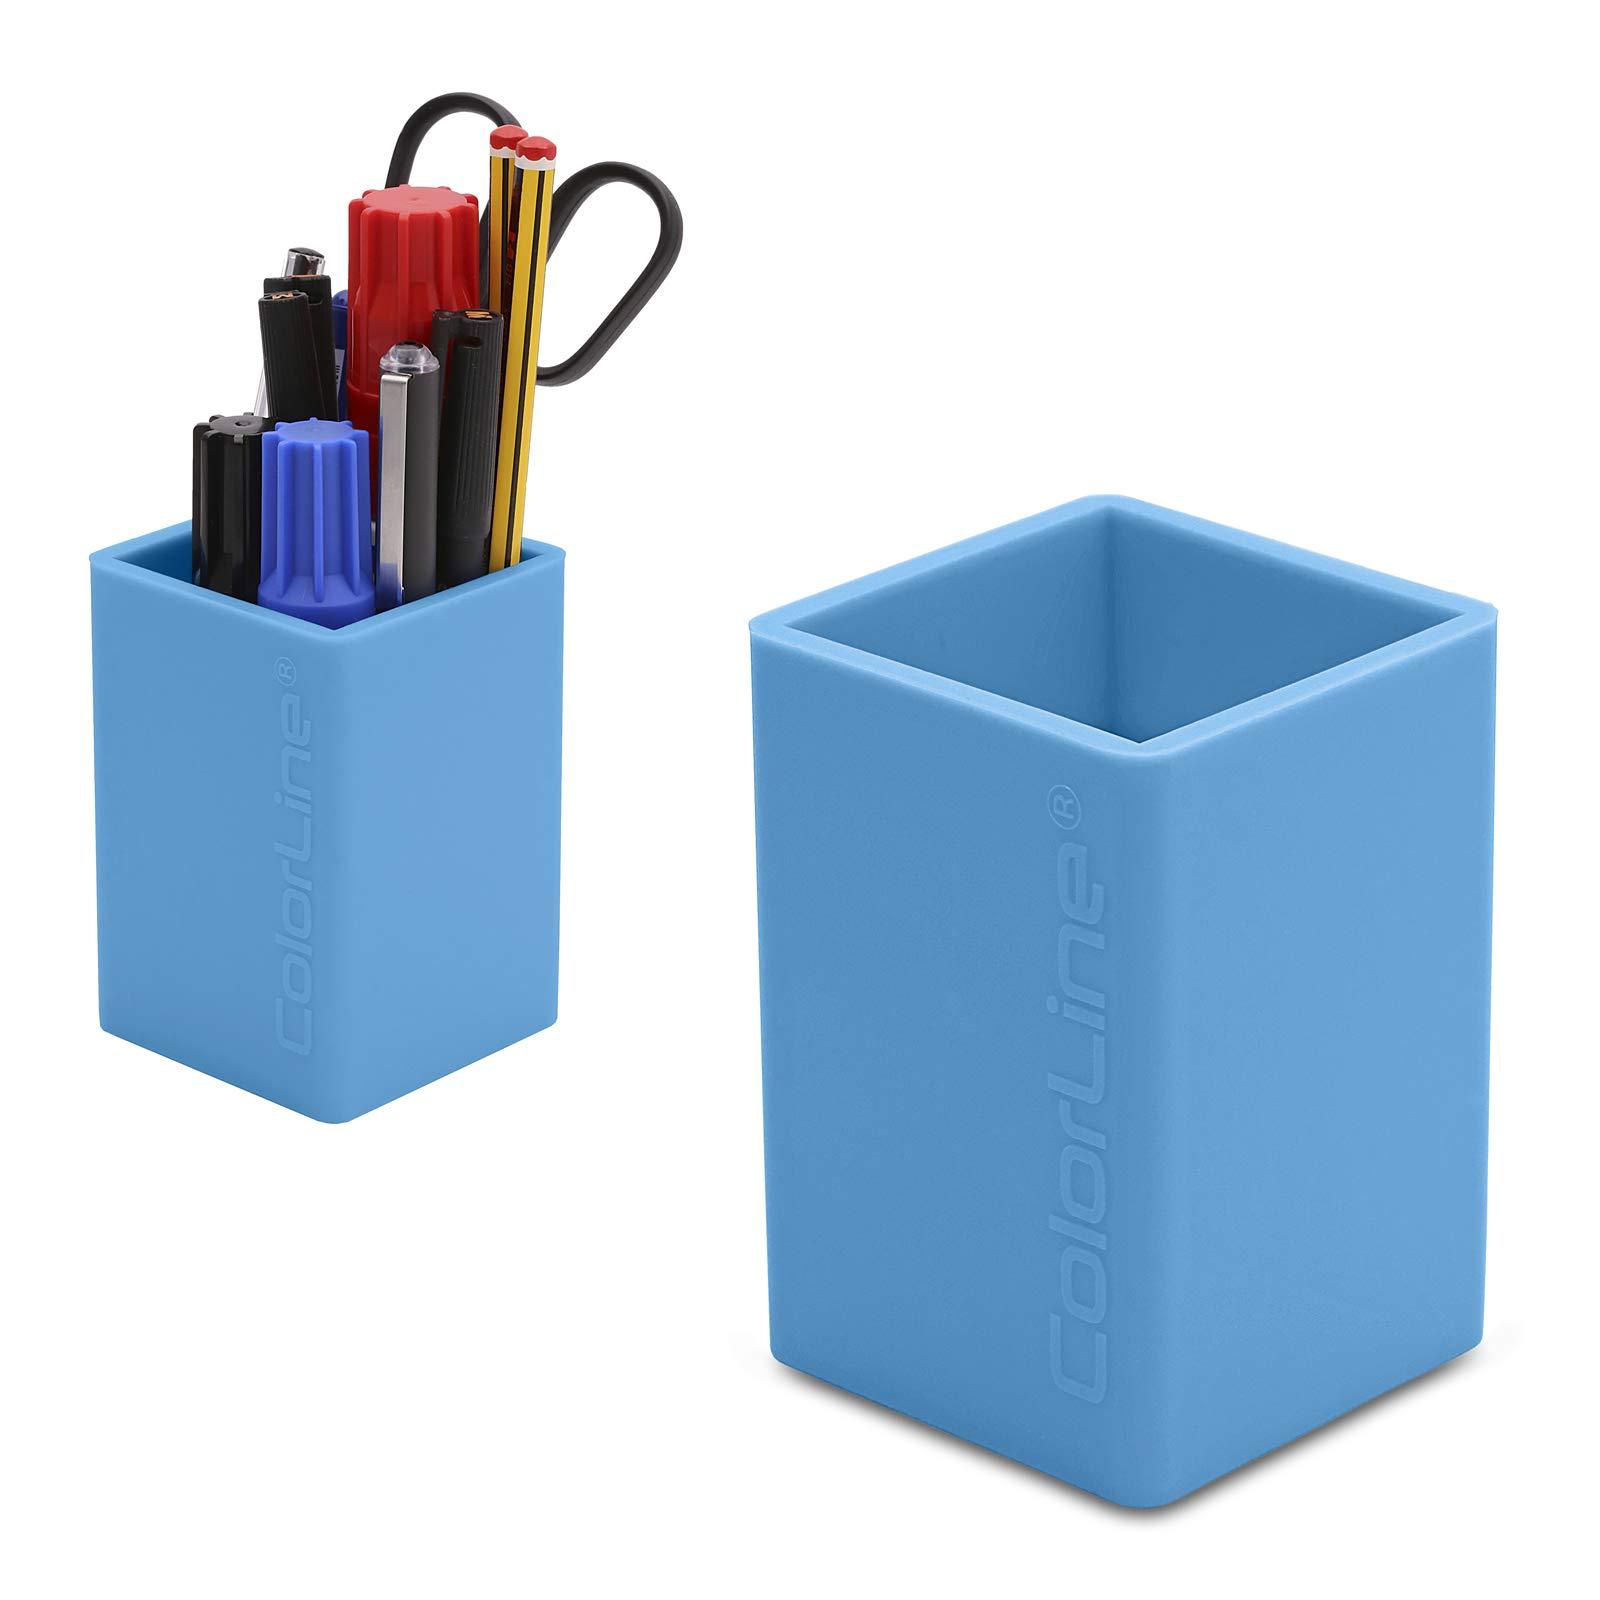 PracticOffice - Cubilete Porta Lápices de Silicona Ultra Soft. Flexible y Resistente. Color Azul Claro: Amazon.es: Oficina y papelería